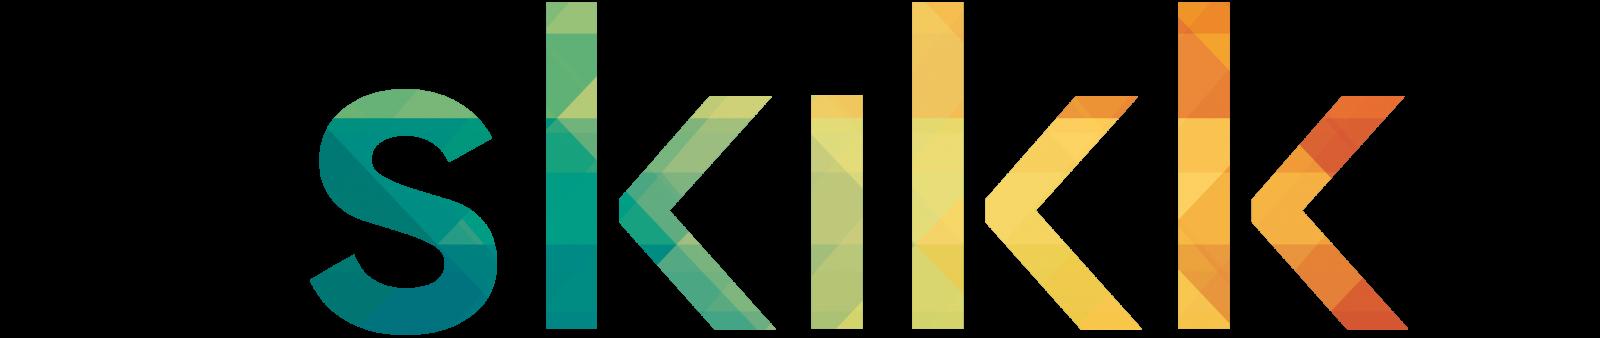 SKIKK Logo